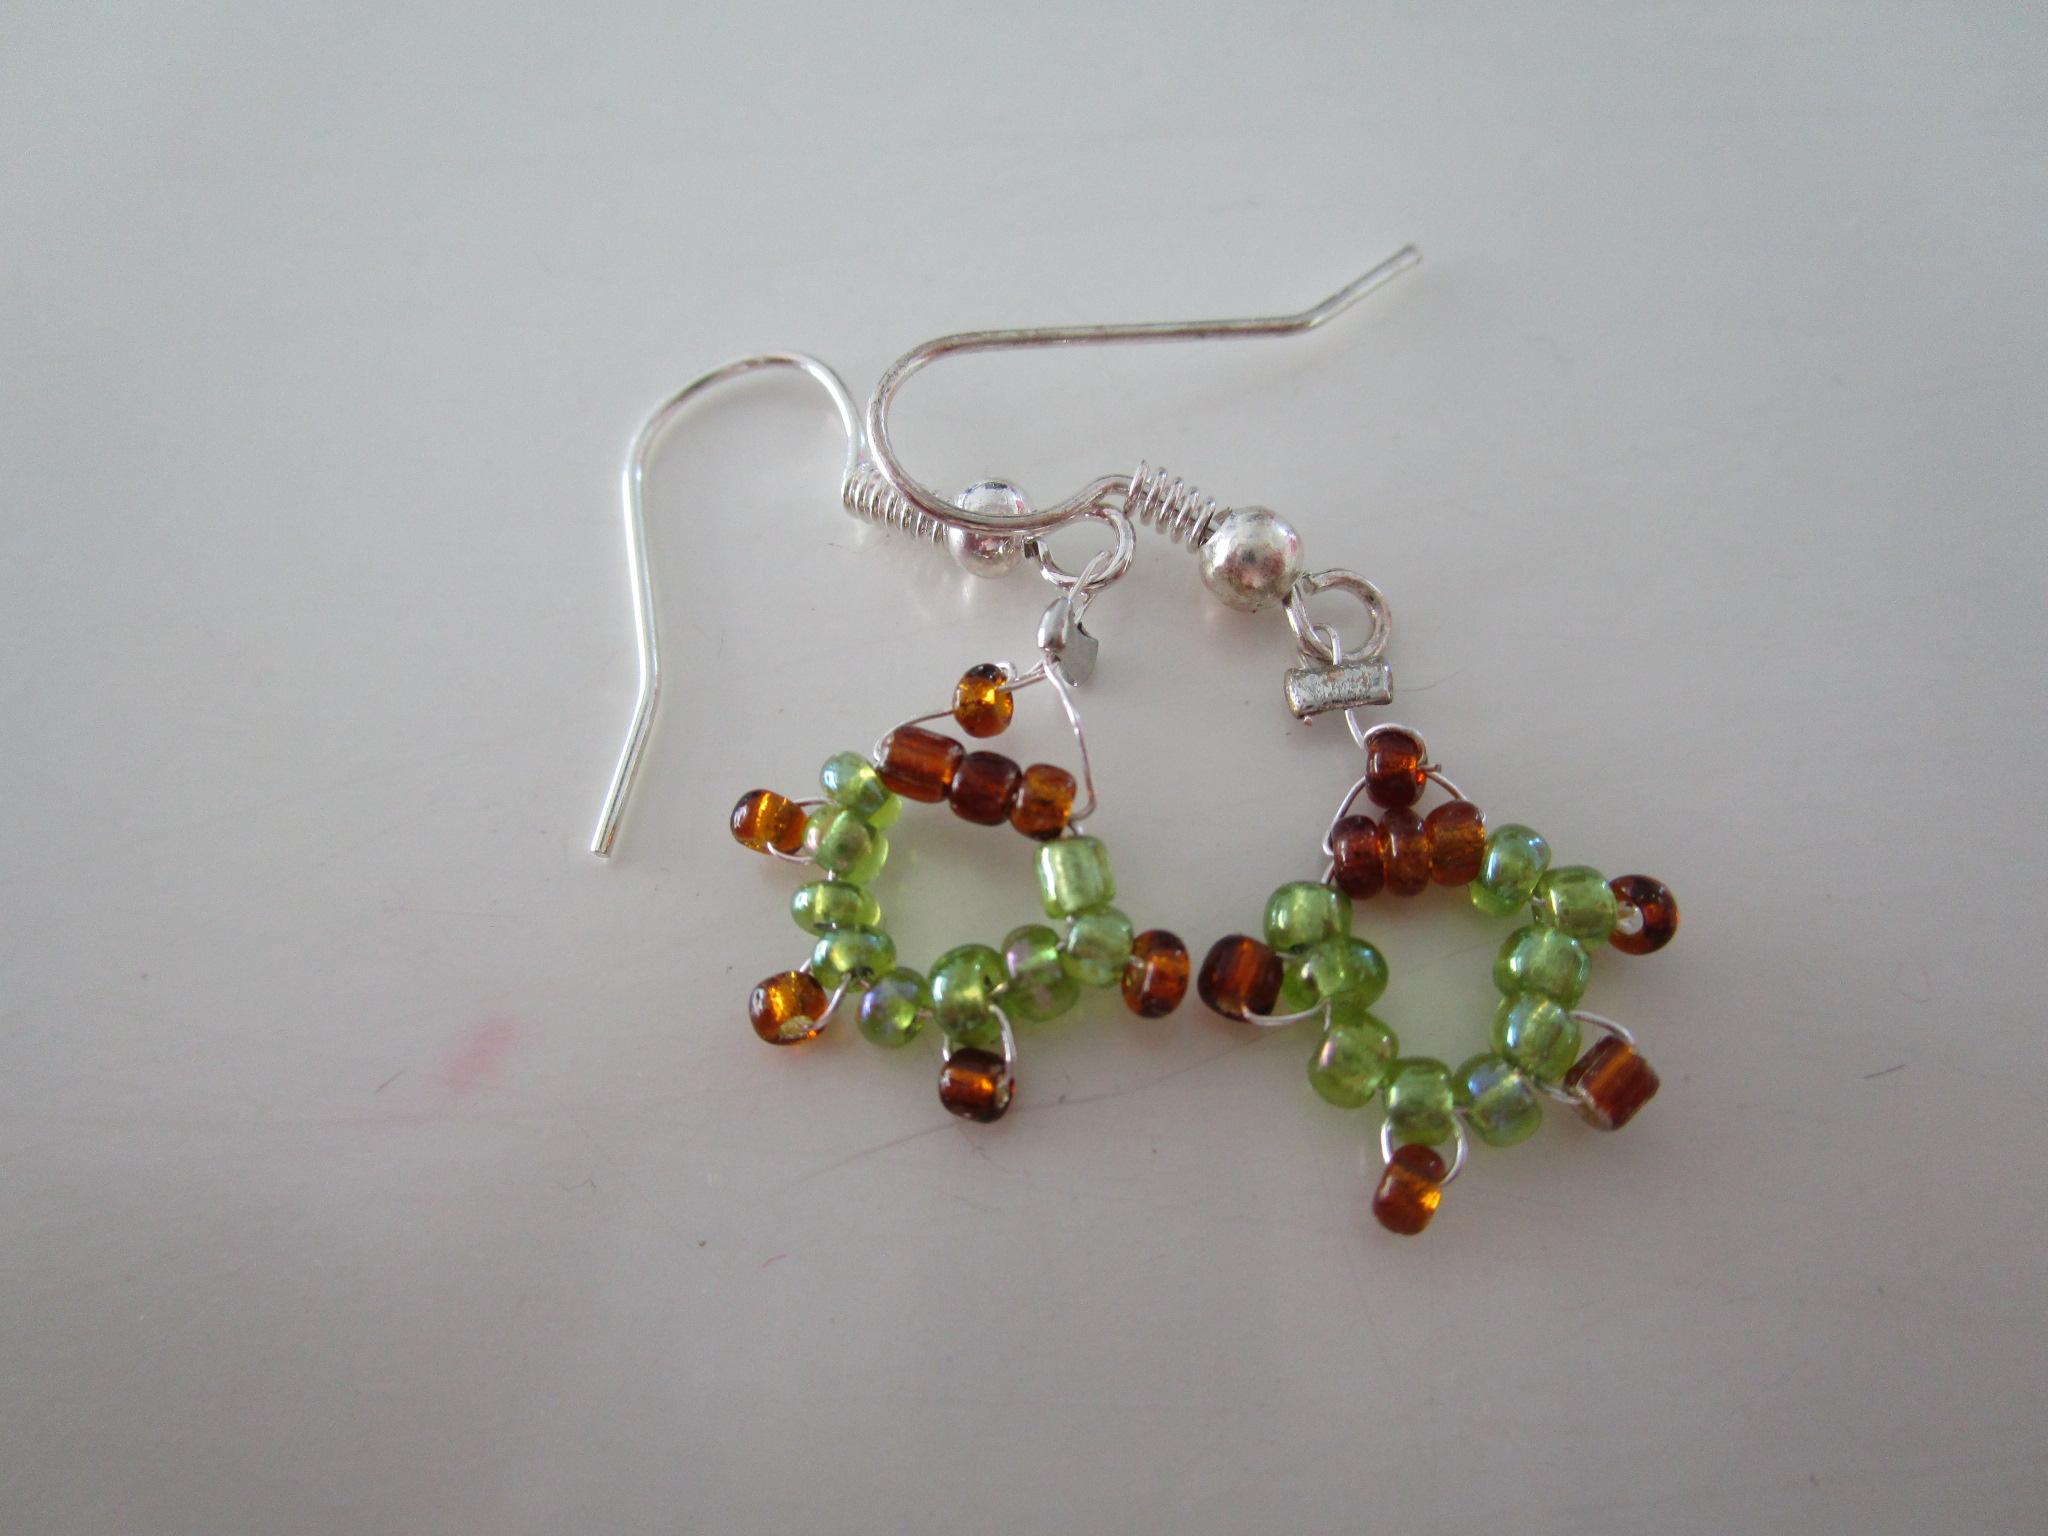 Boucles d 39 oreilles petites tortues en perles de rocaille - Tuto boucle d oreille perle ...